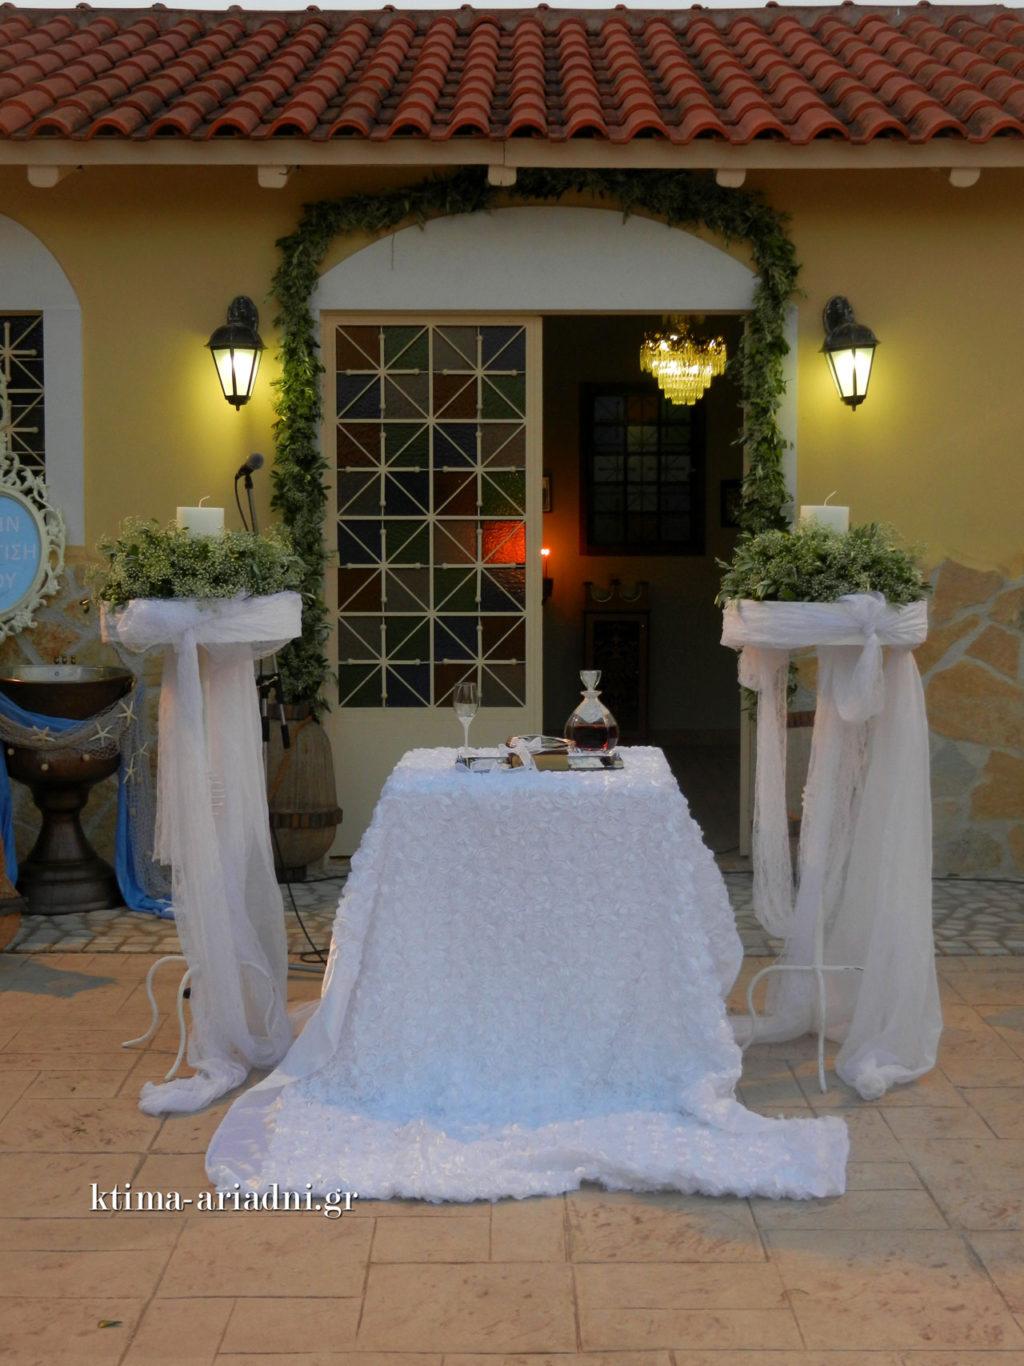 Γάμος και βάπτιση στο κτήμα Αριάδνη στη Βαρυμπόμπη